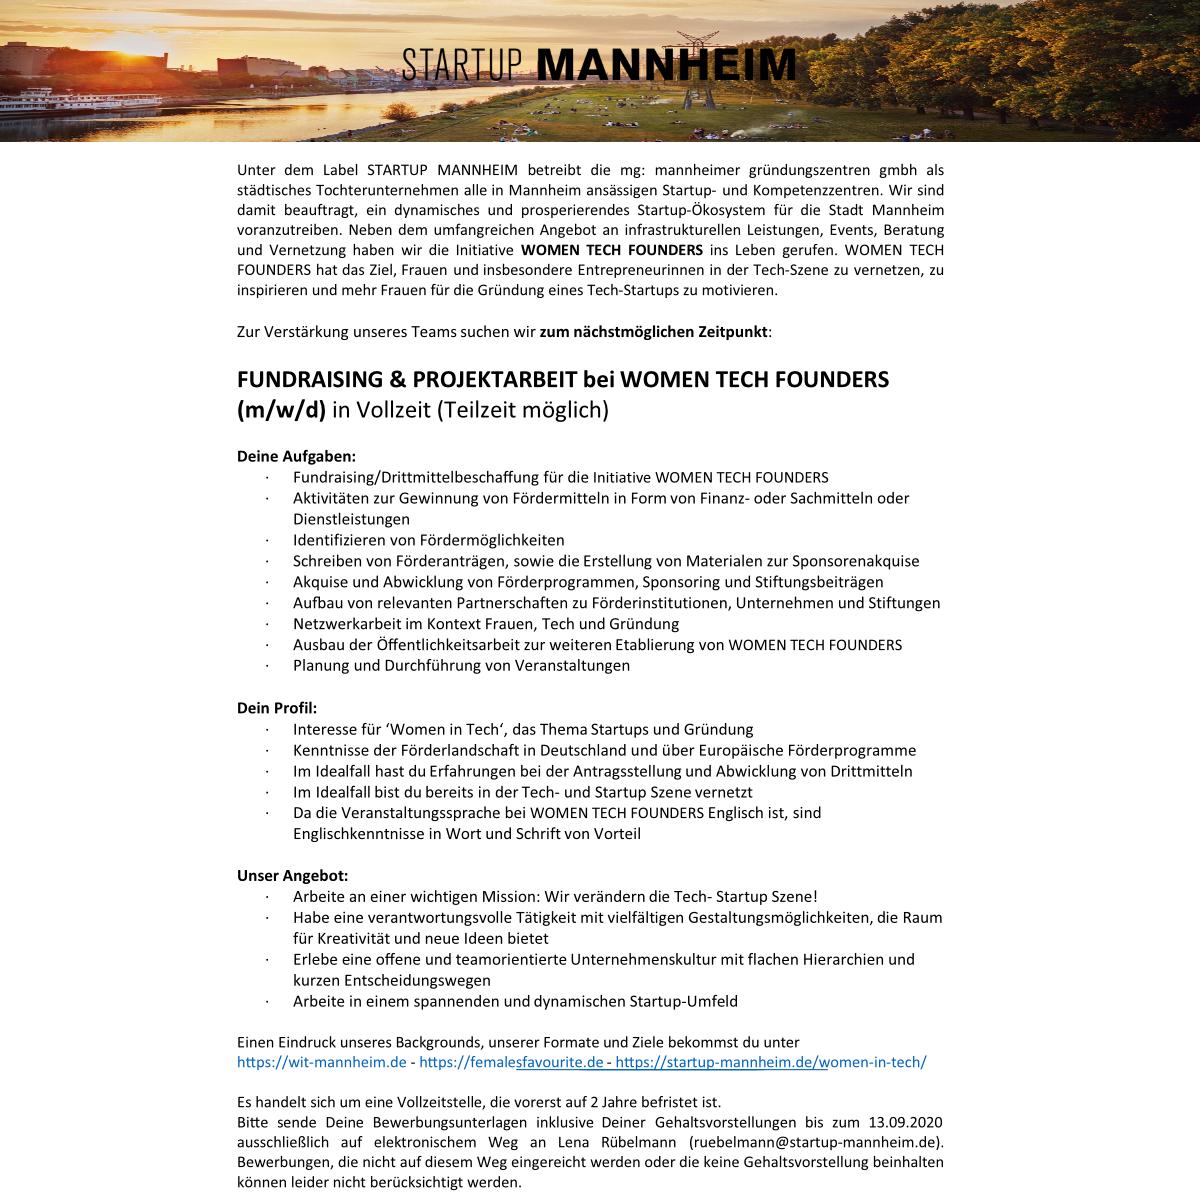 Stellenausschreibung WTF- Fundraising & Projektarbeit 2020.